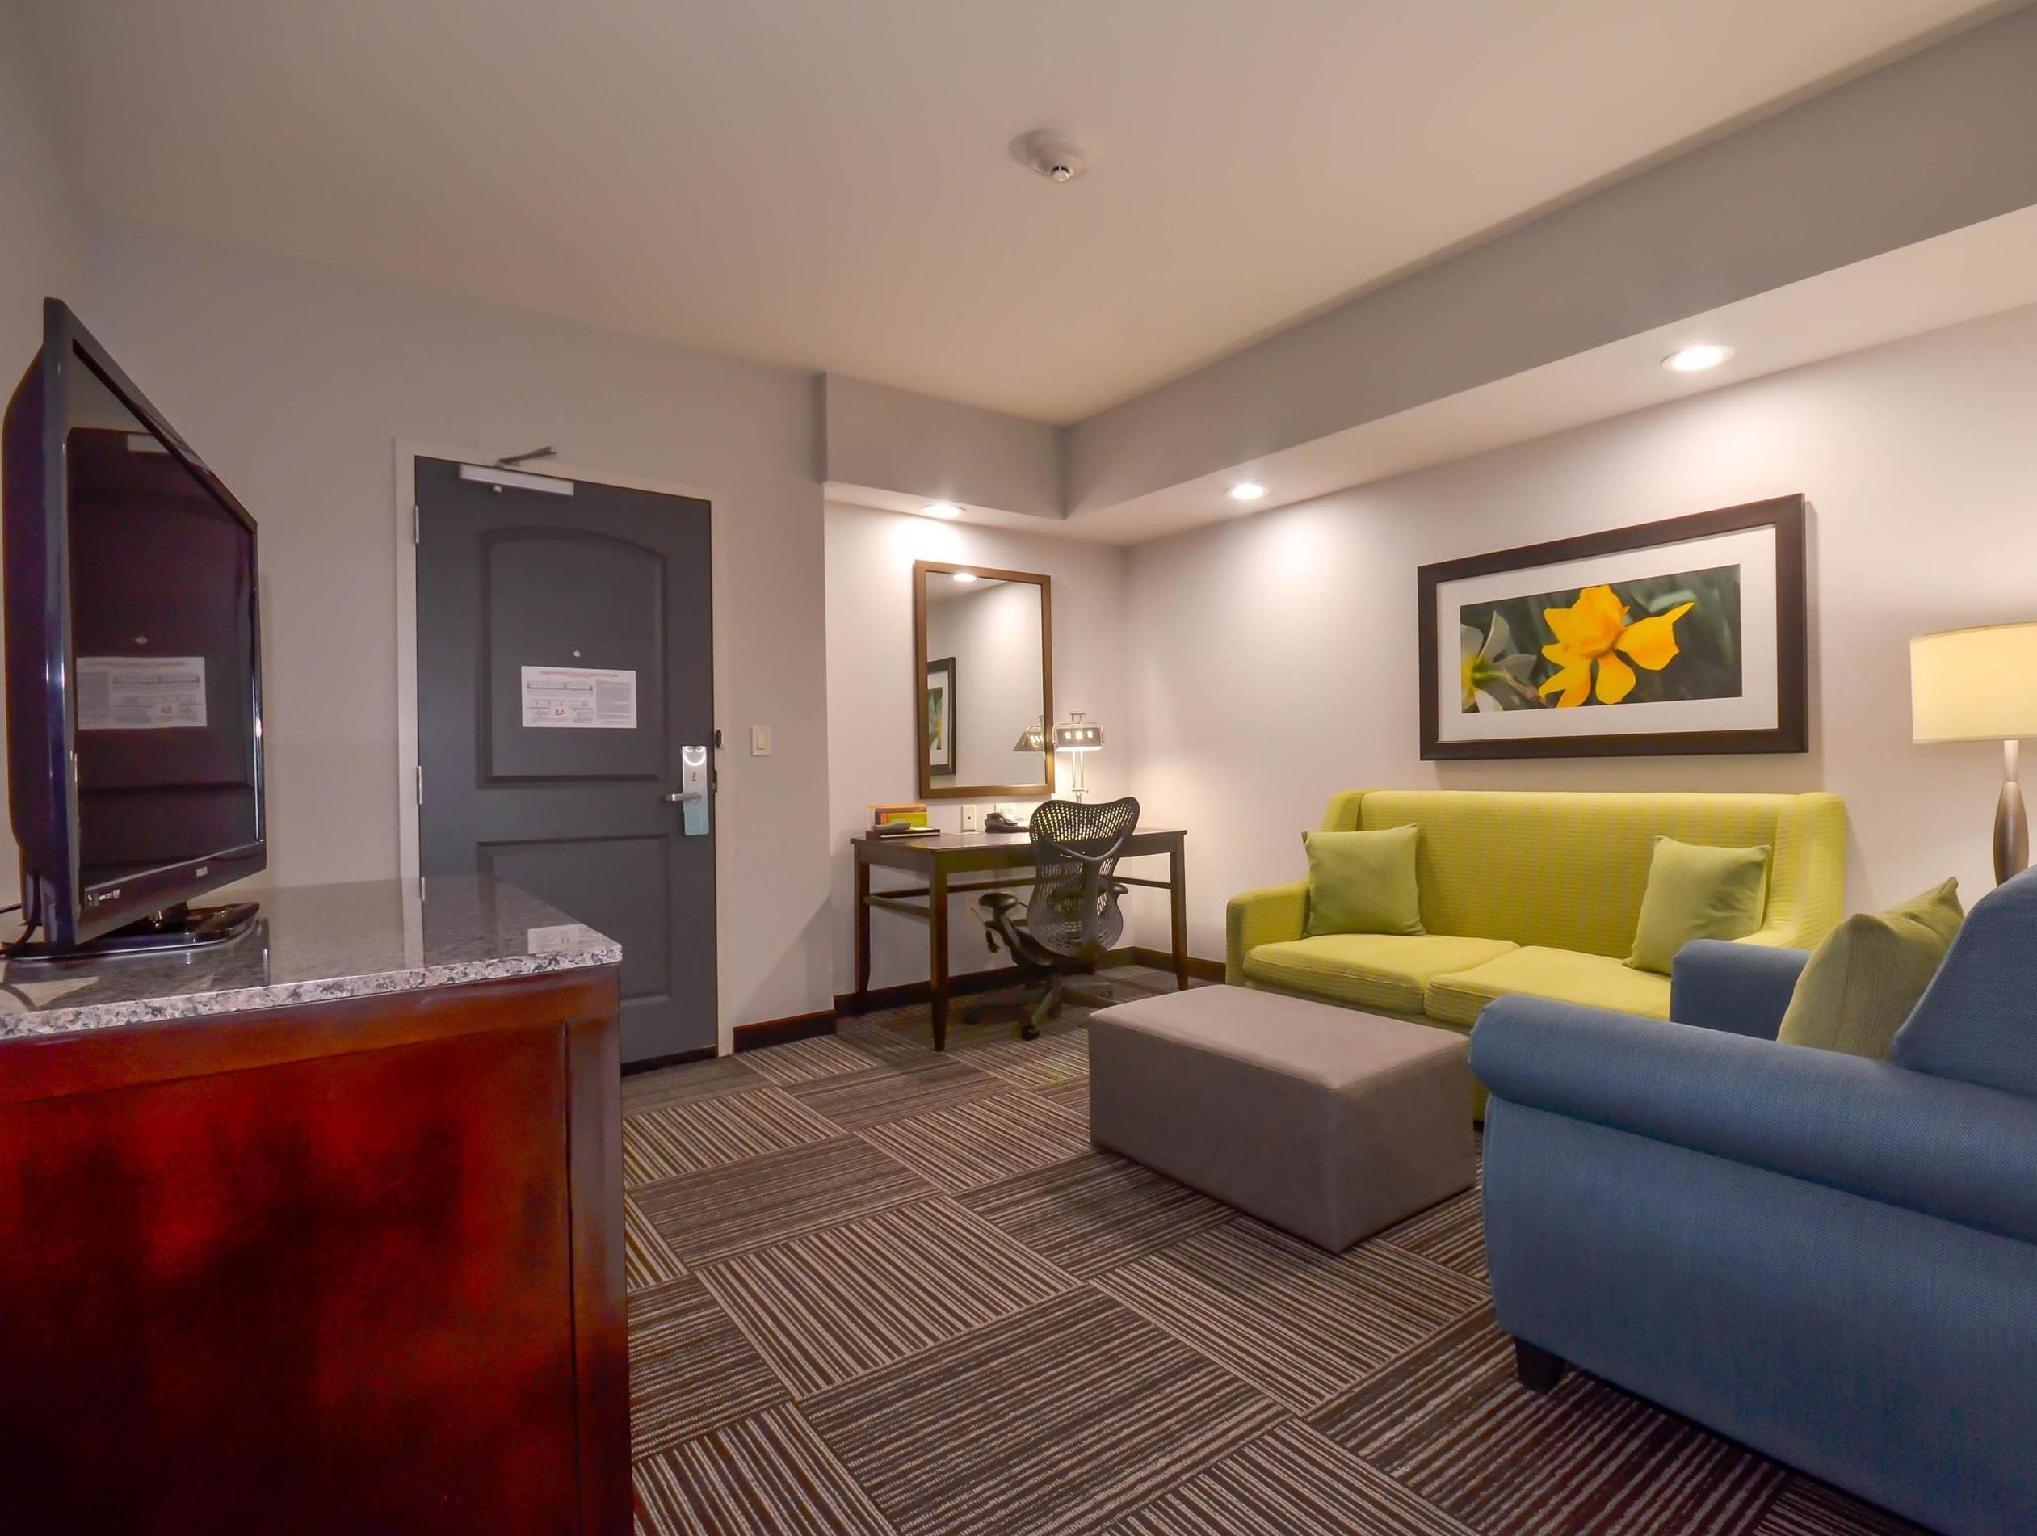 Hilton Garden Inn Fayetteville. See More Photos. Interior View. See More  Photos. Interior View